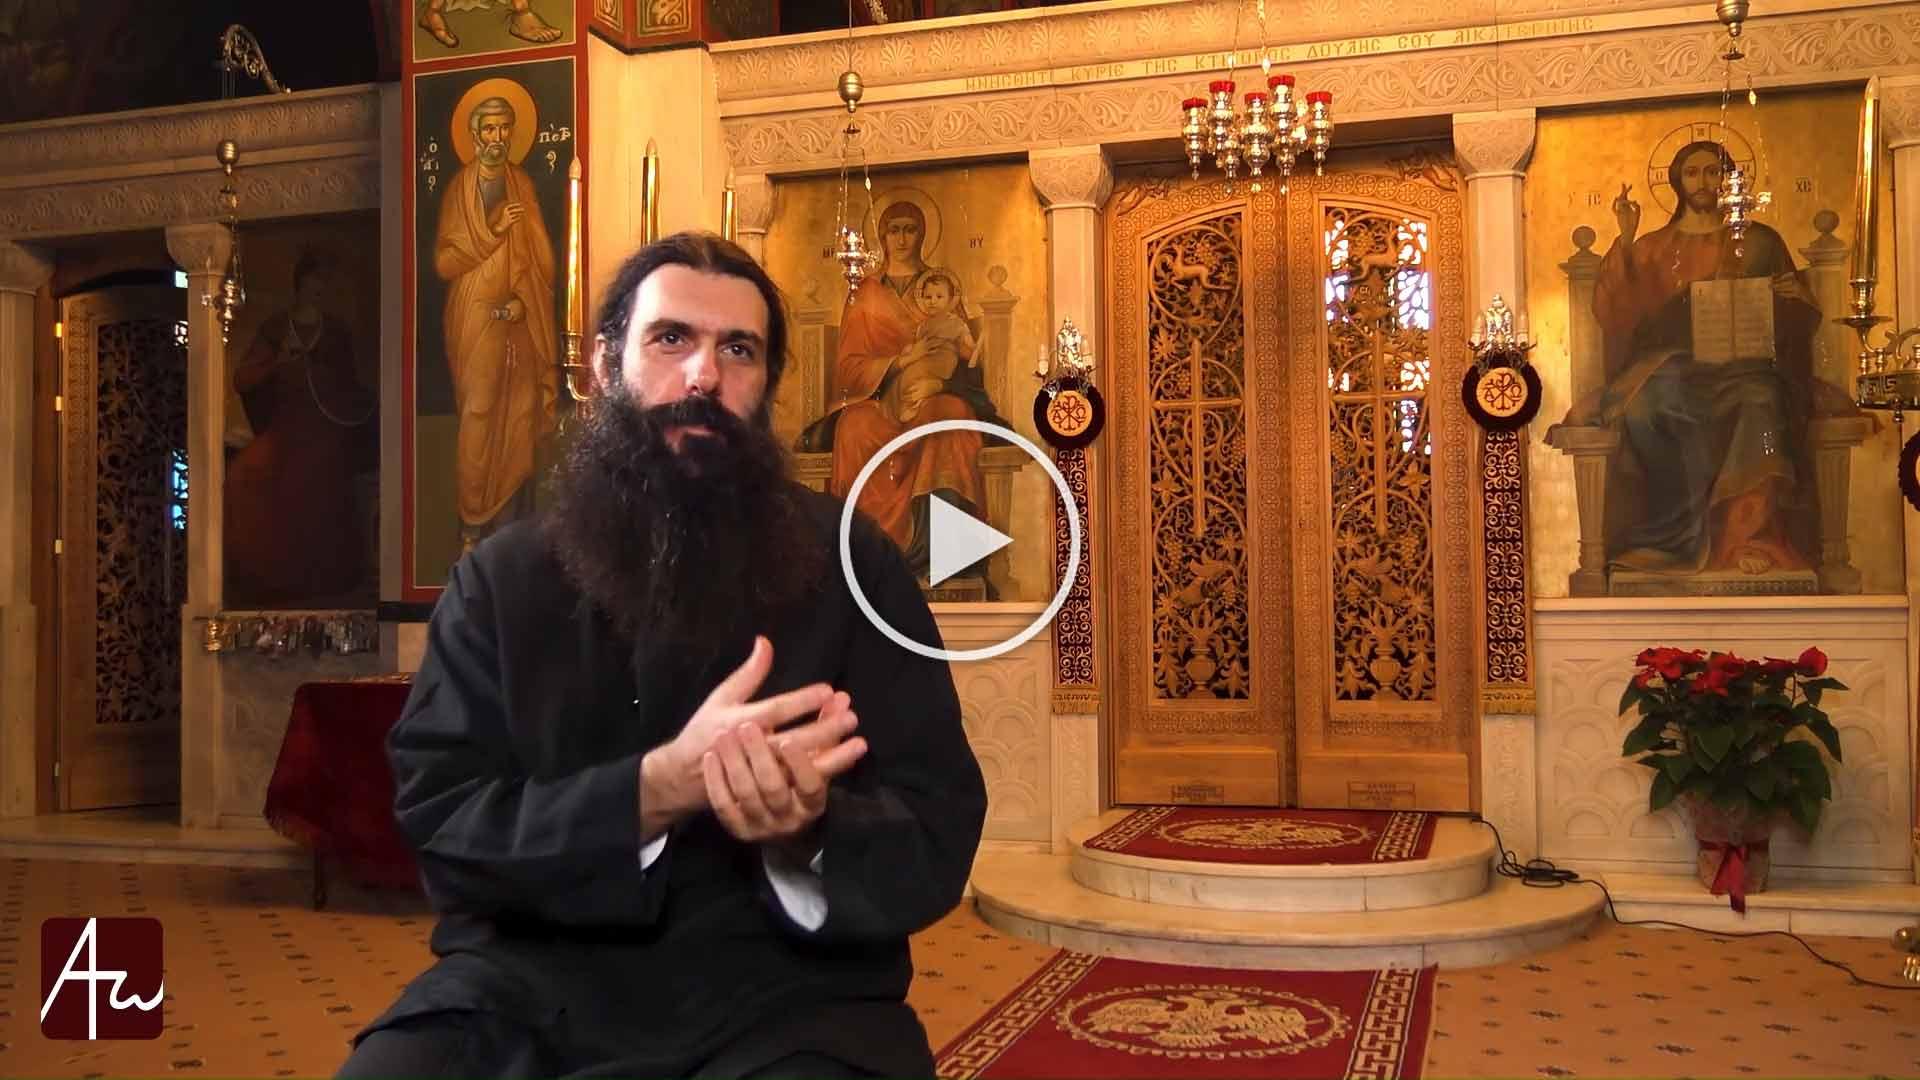 Η άσκηση στην ορθόδοξη παράδοση - Θεολογικός Λόγος - Θεολογία - Απαρχή